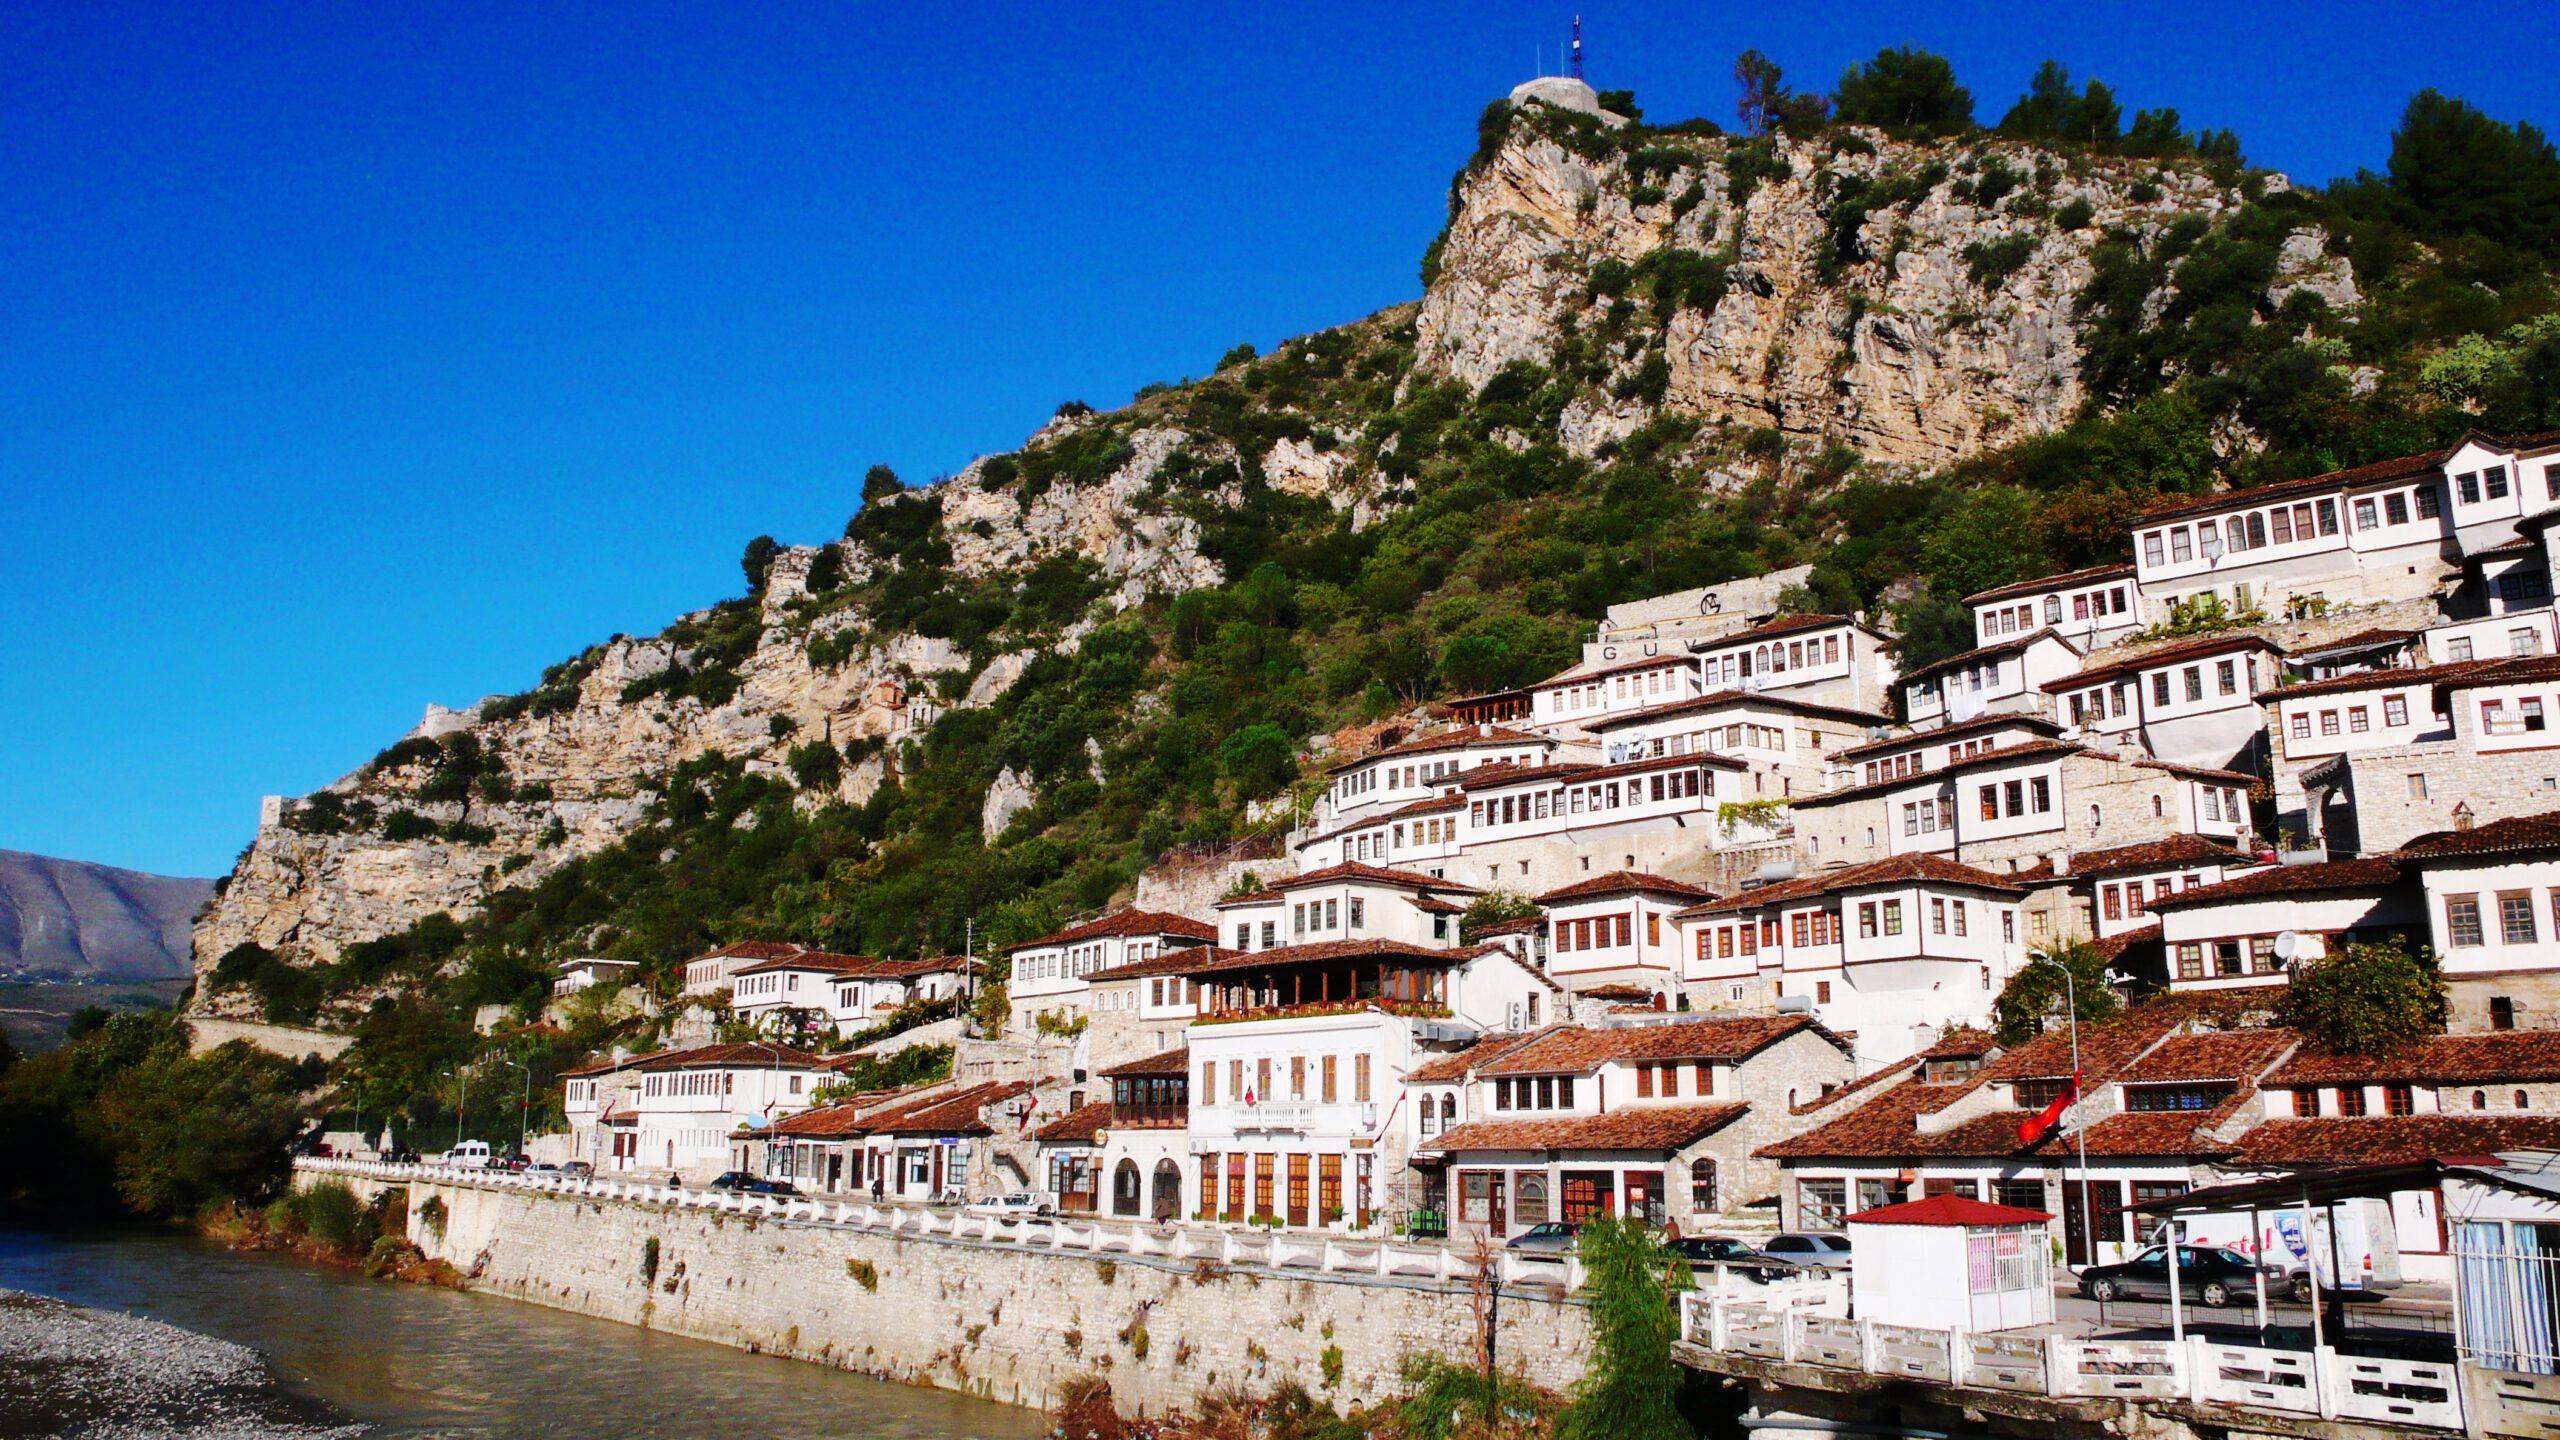 La vieille ville de Berat by Steib Pur Reisen